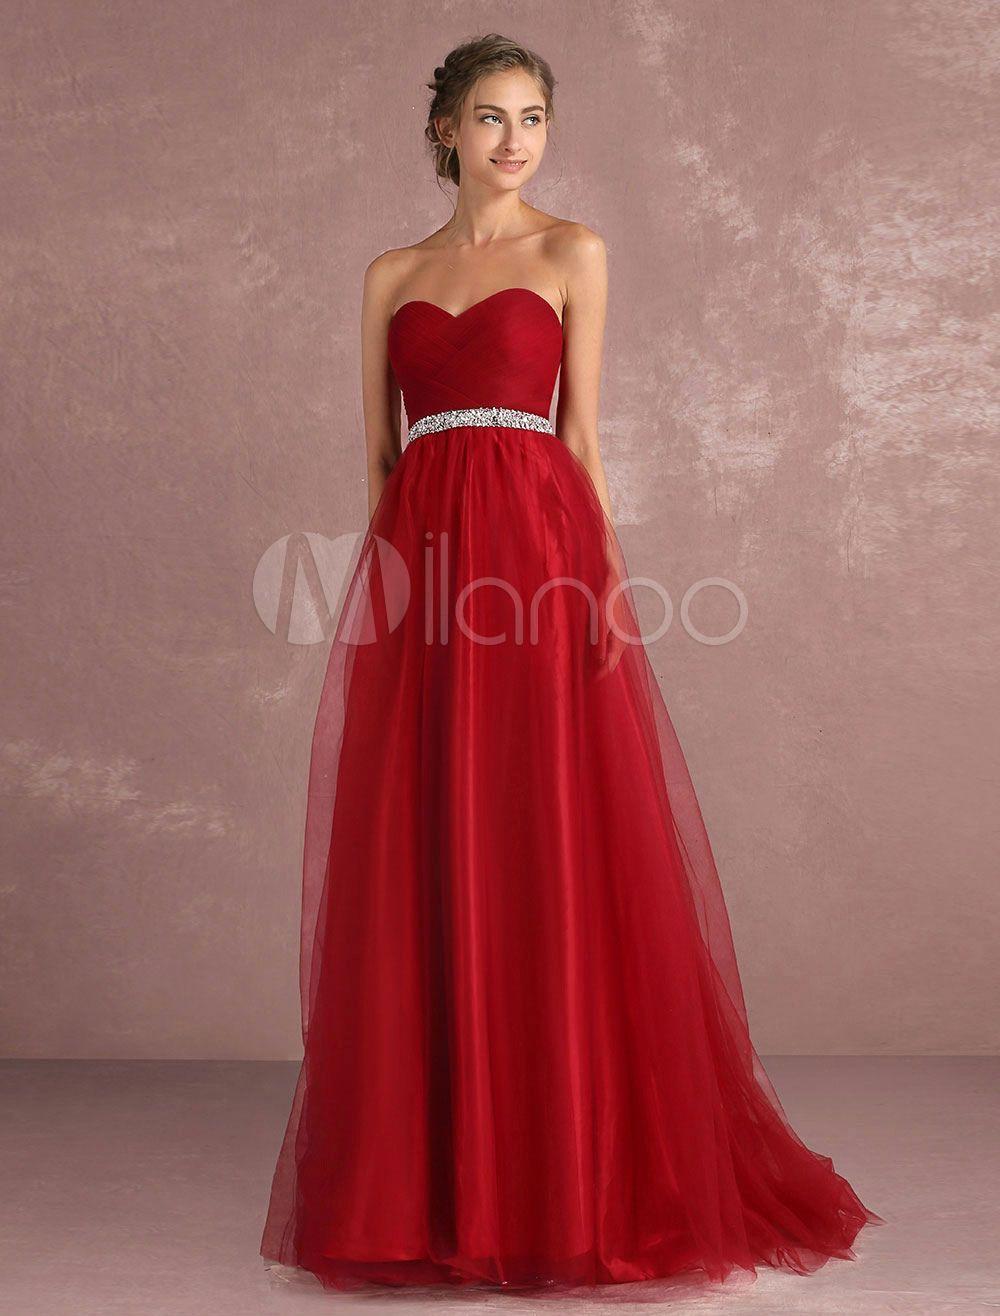 Tüll Abendkleid rot eine Linie Prom Dress trägerlose Schatz ...